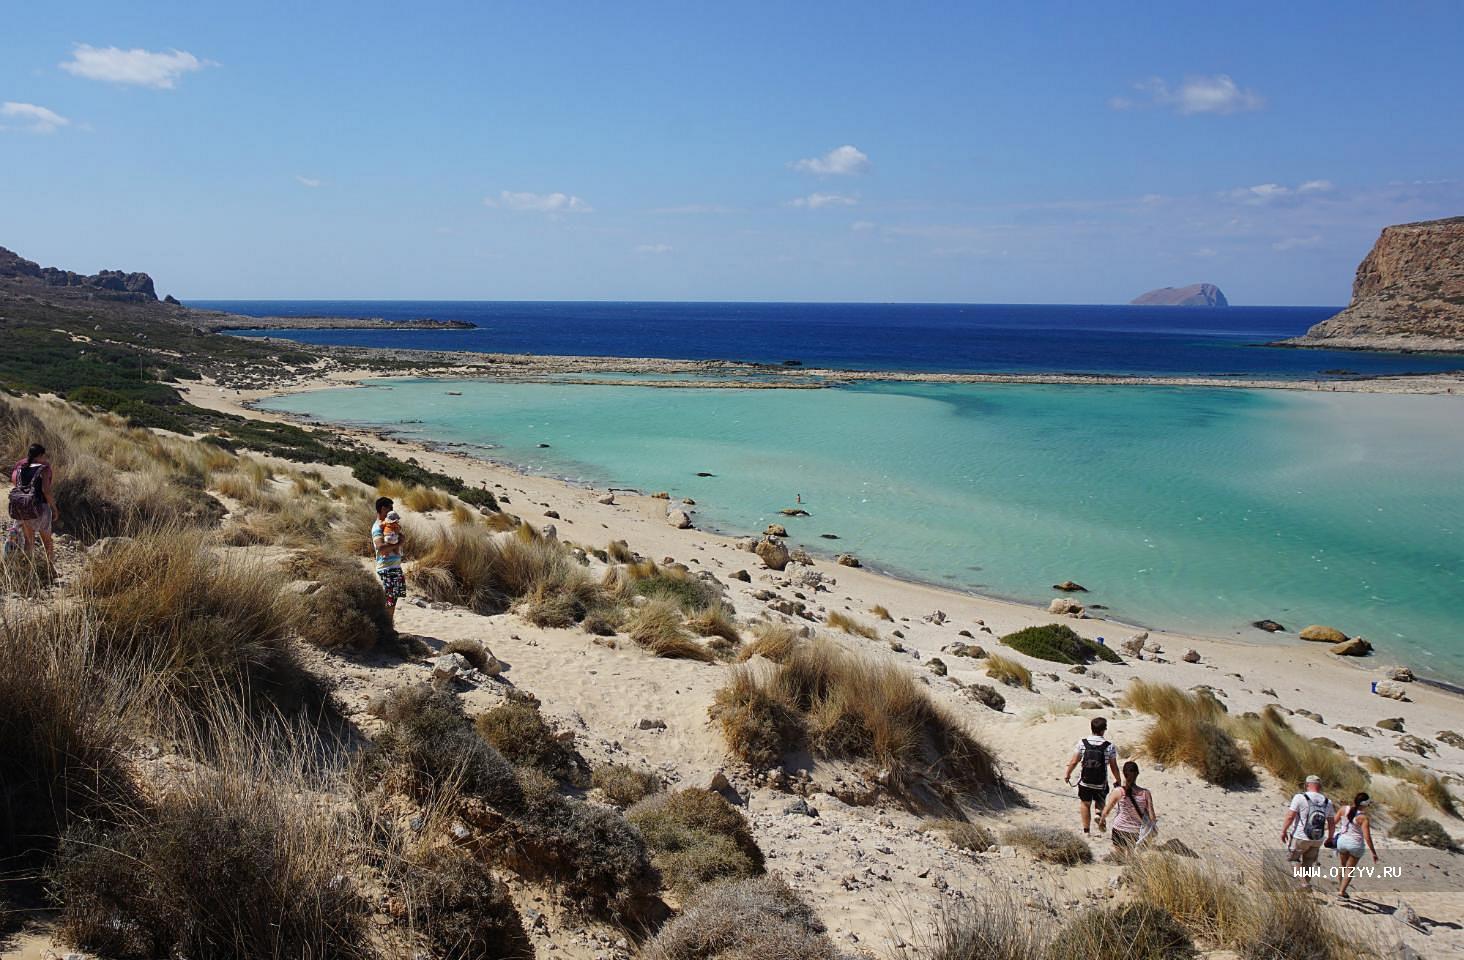 Крит ханья пляжи фото